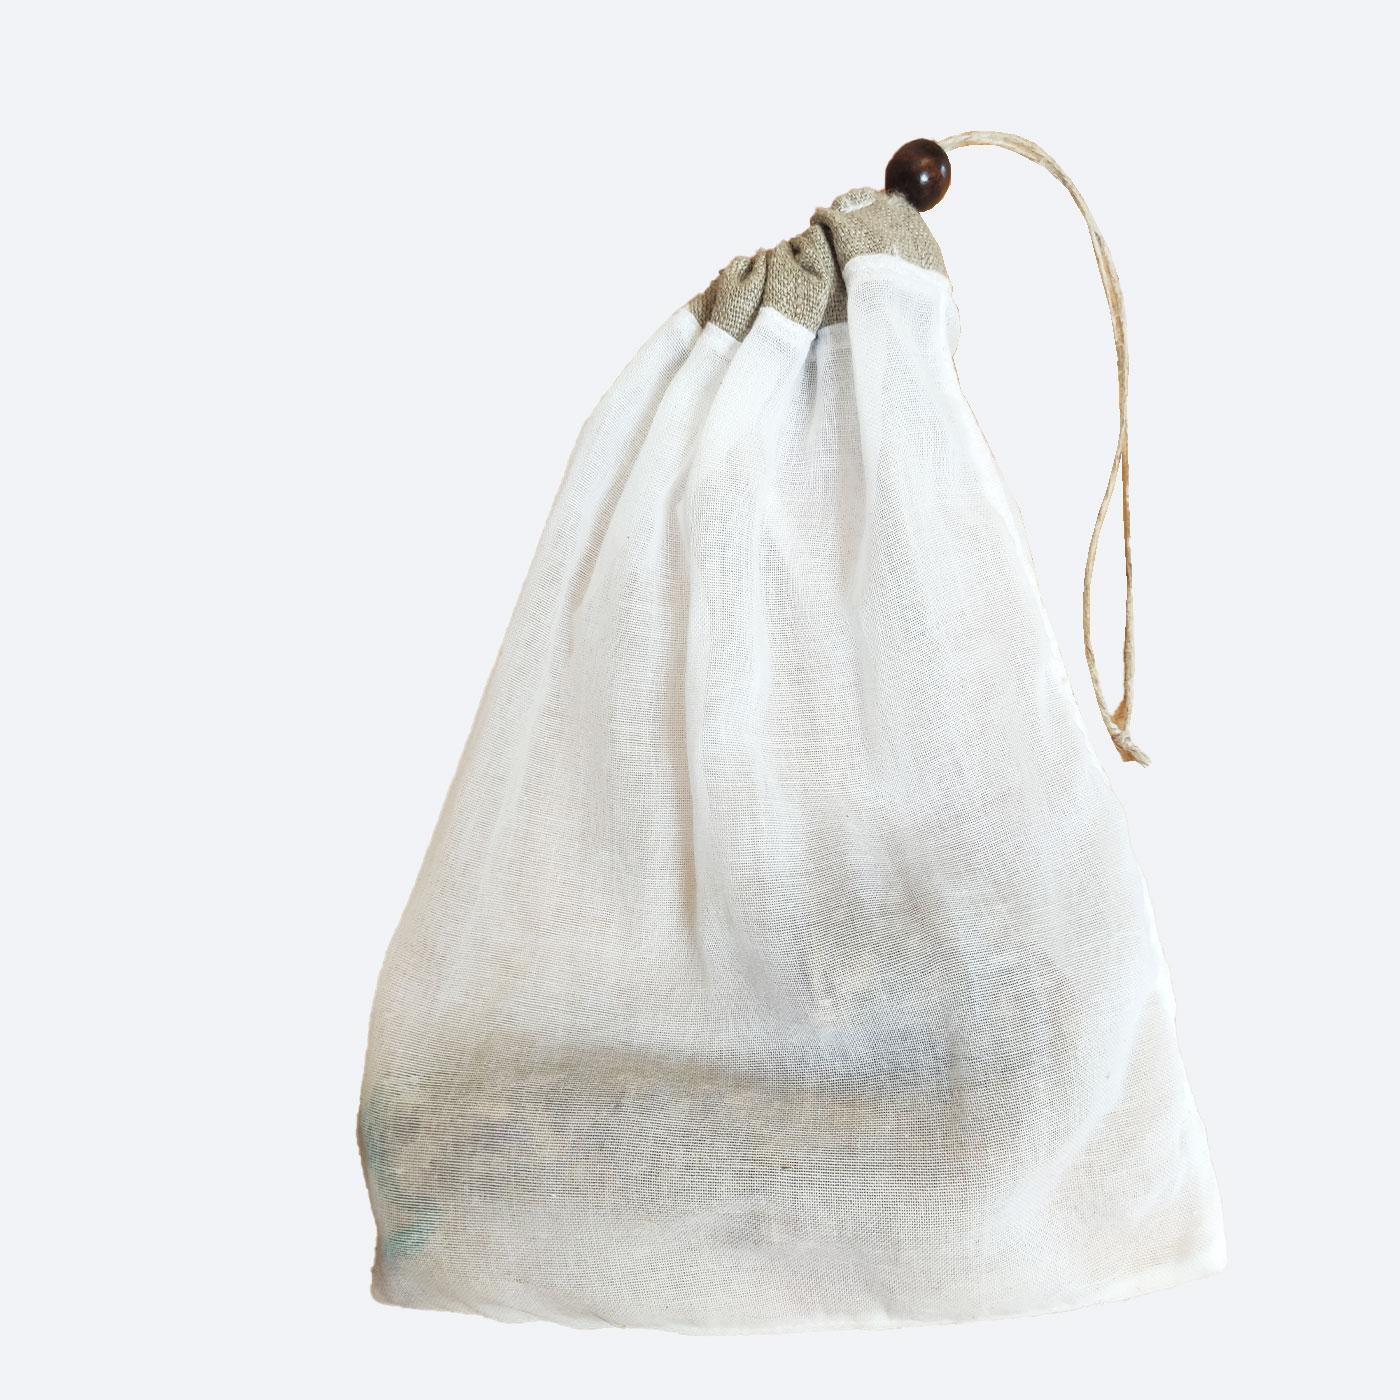 Pochon à saucisson ou charcuteries sèches en coton certifié contact alimentaire de l'échoppe de Nine